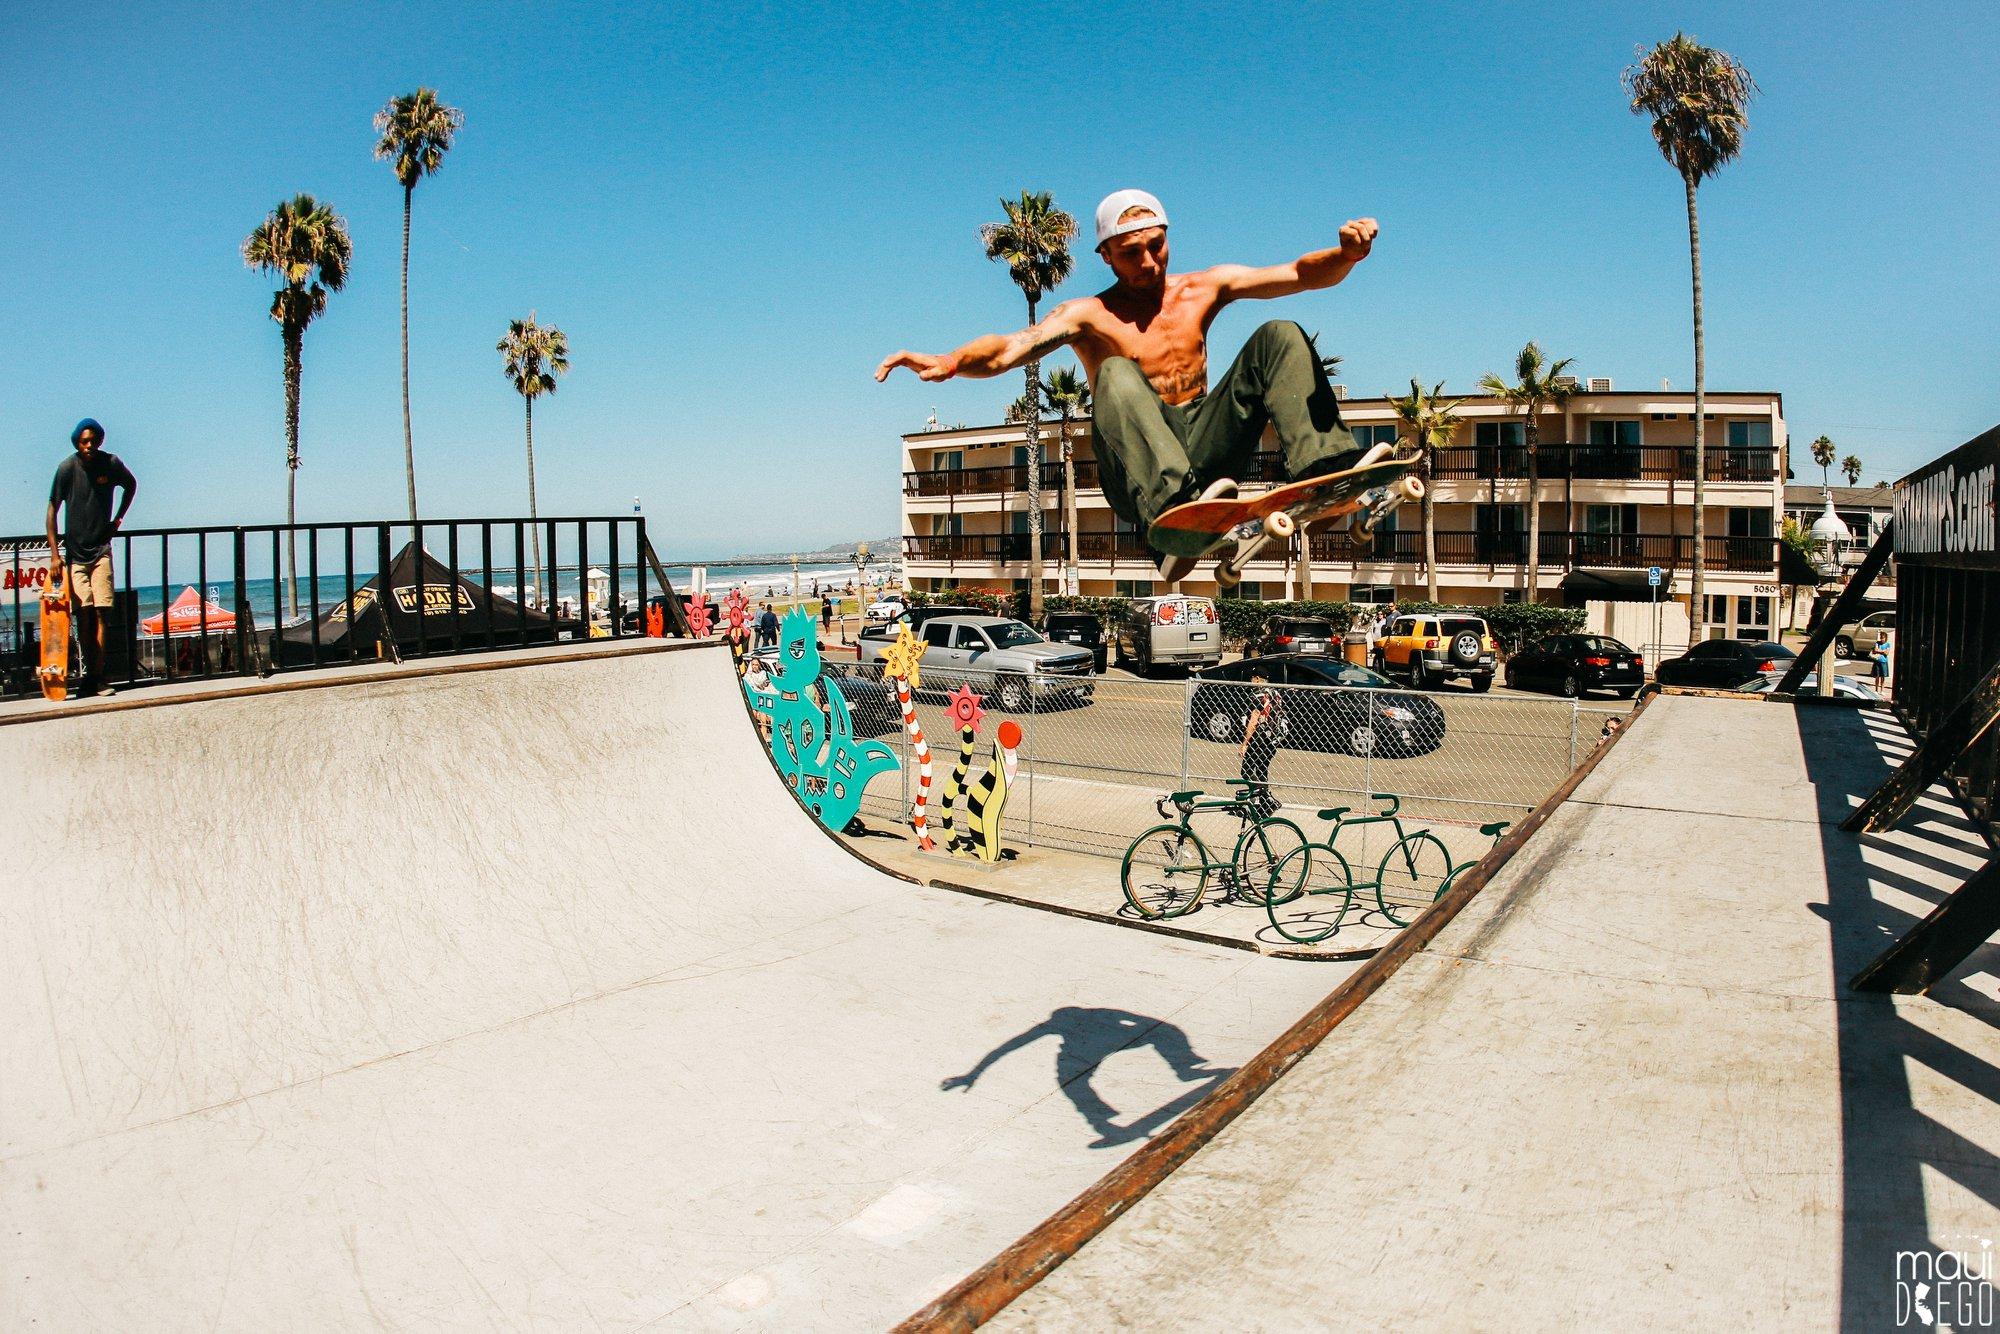 Hodads 50th Anniversary Skate